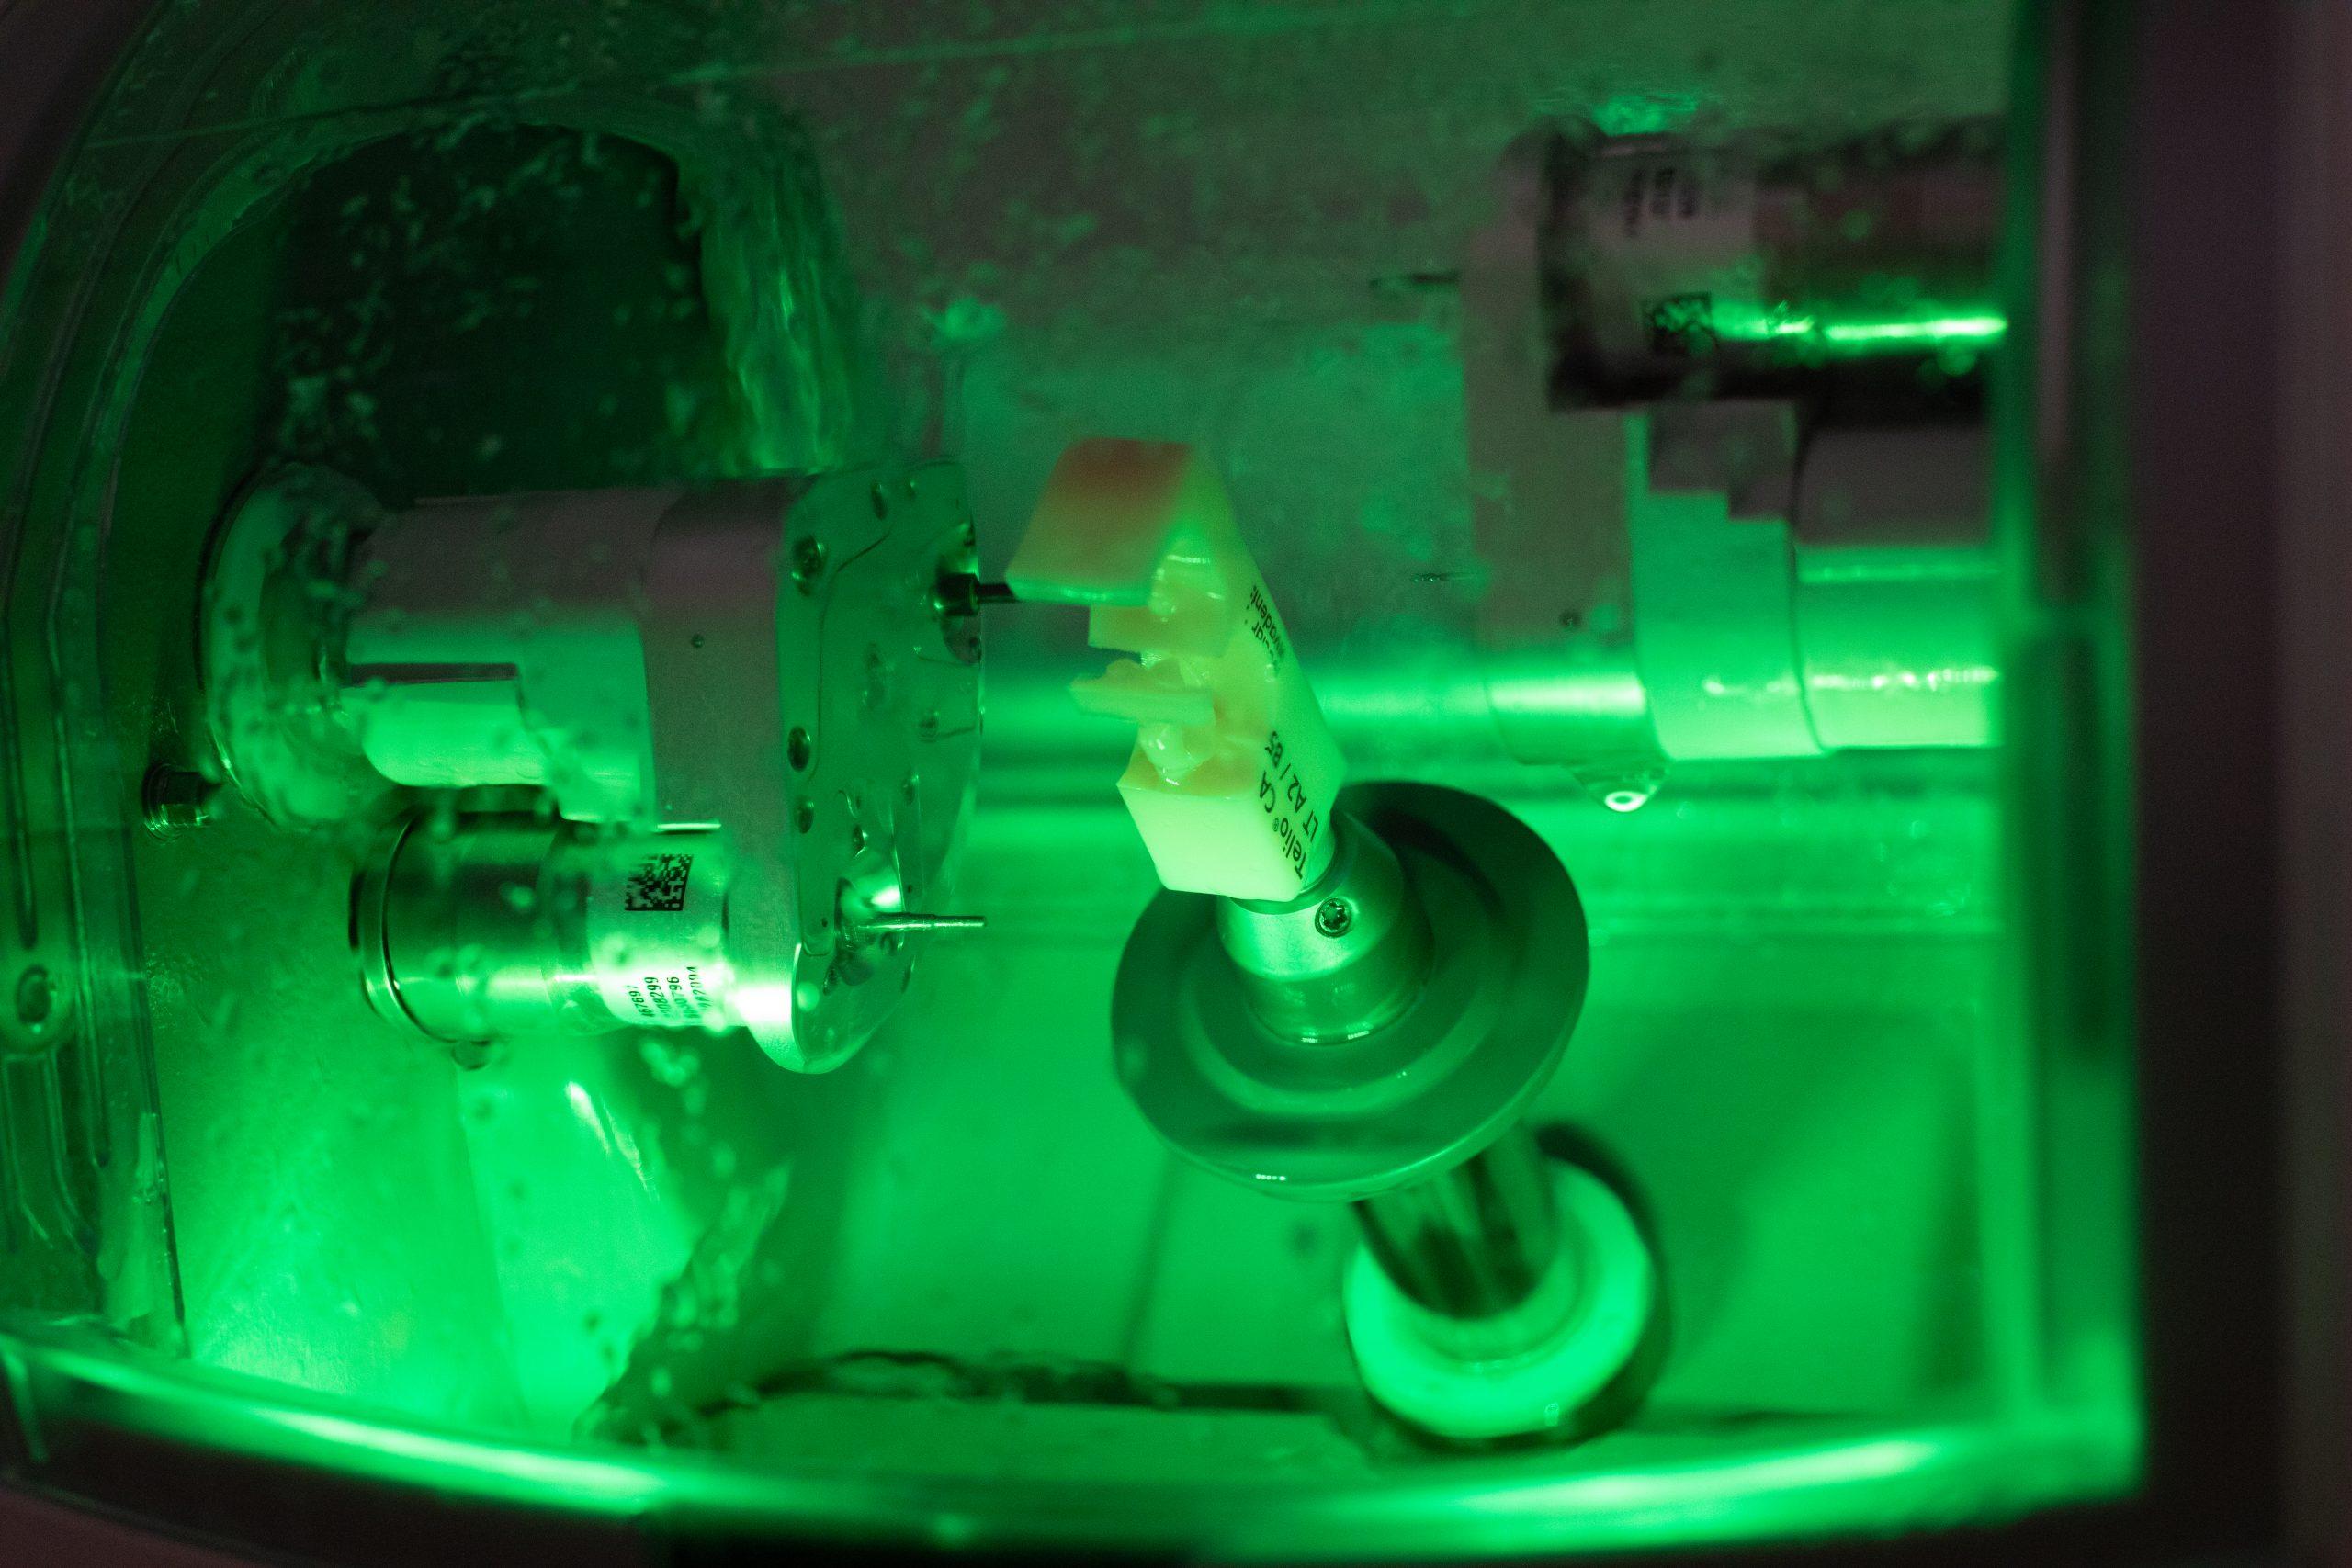 frezare ceremica integrala cu aparat CEREC CAD/CAM